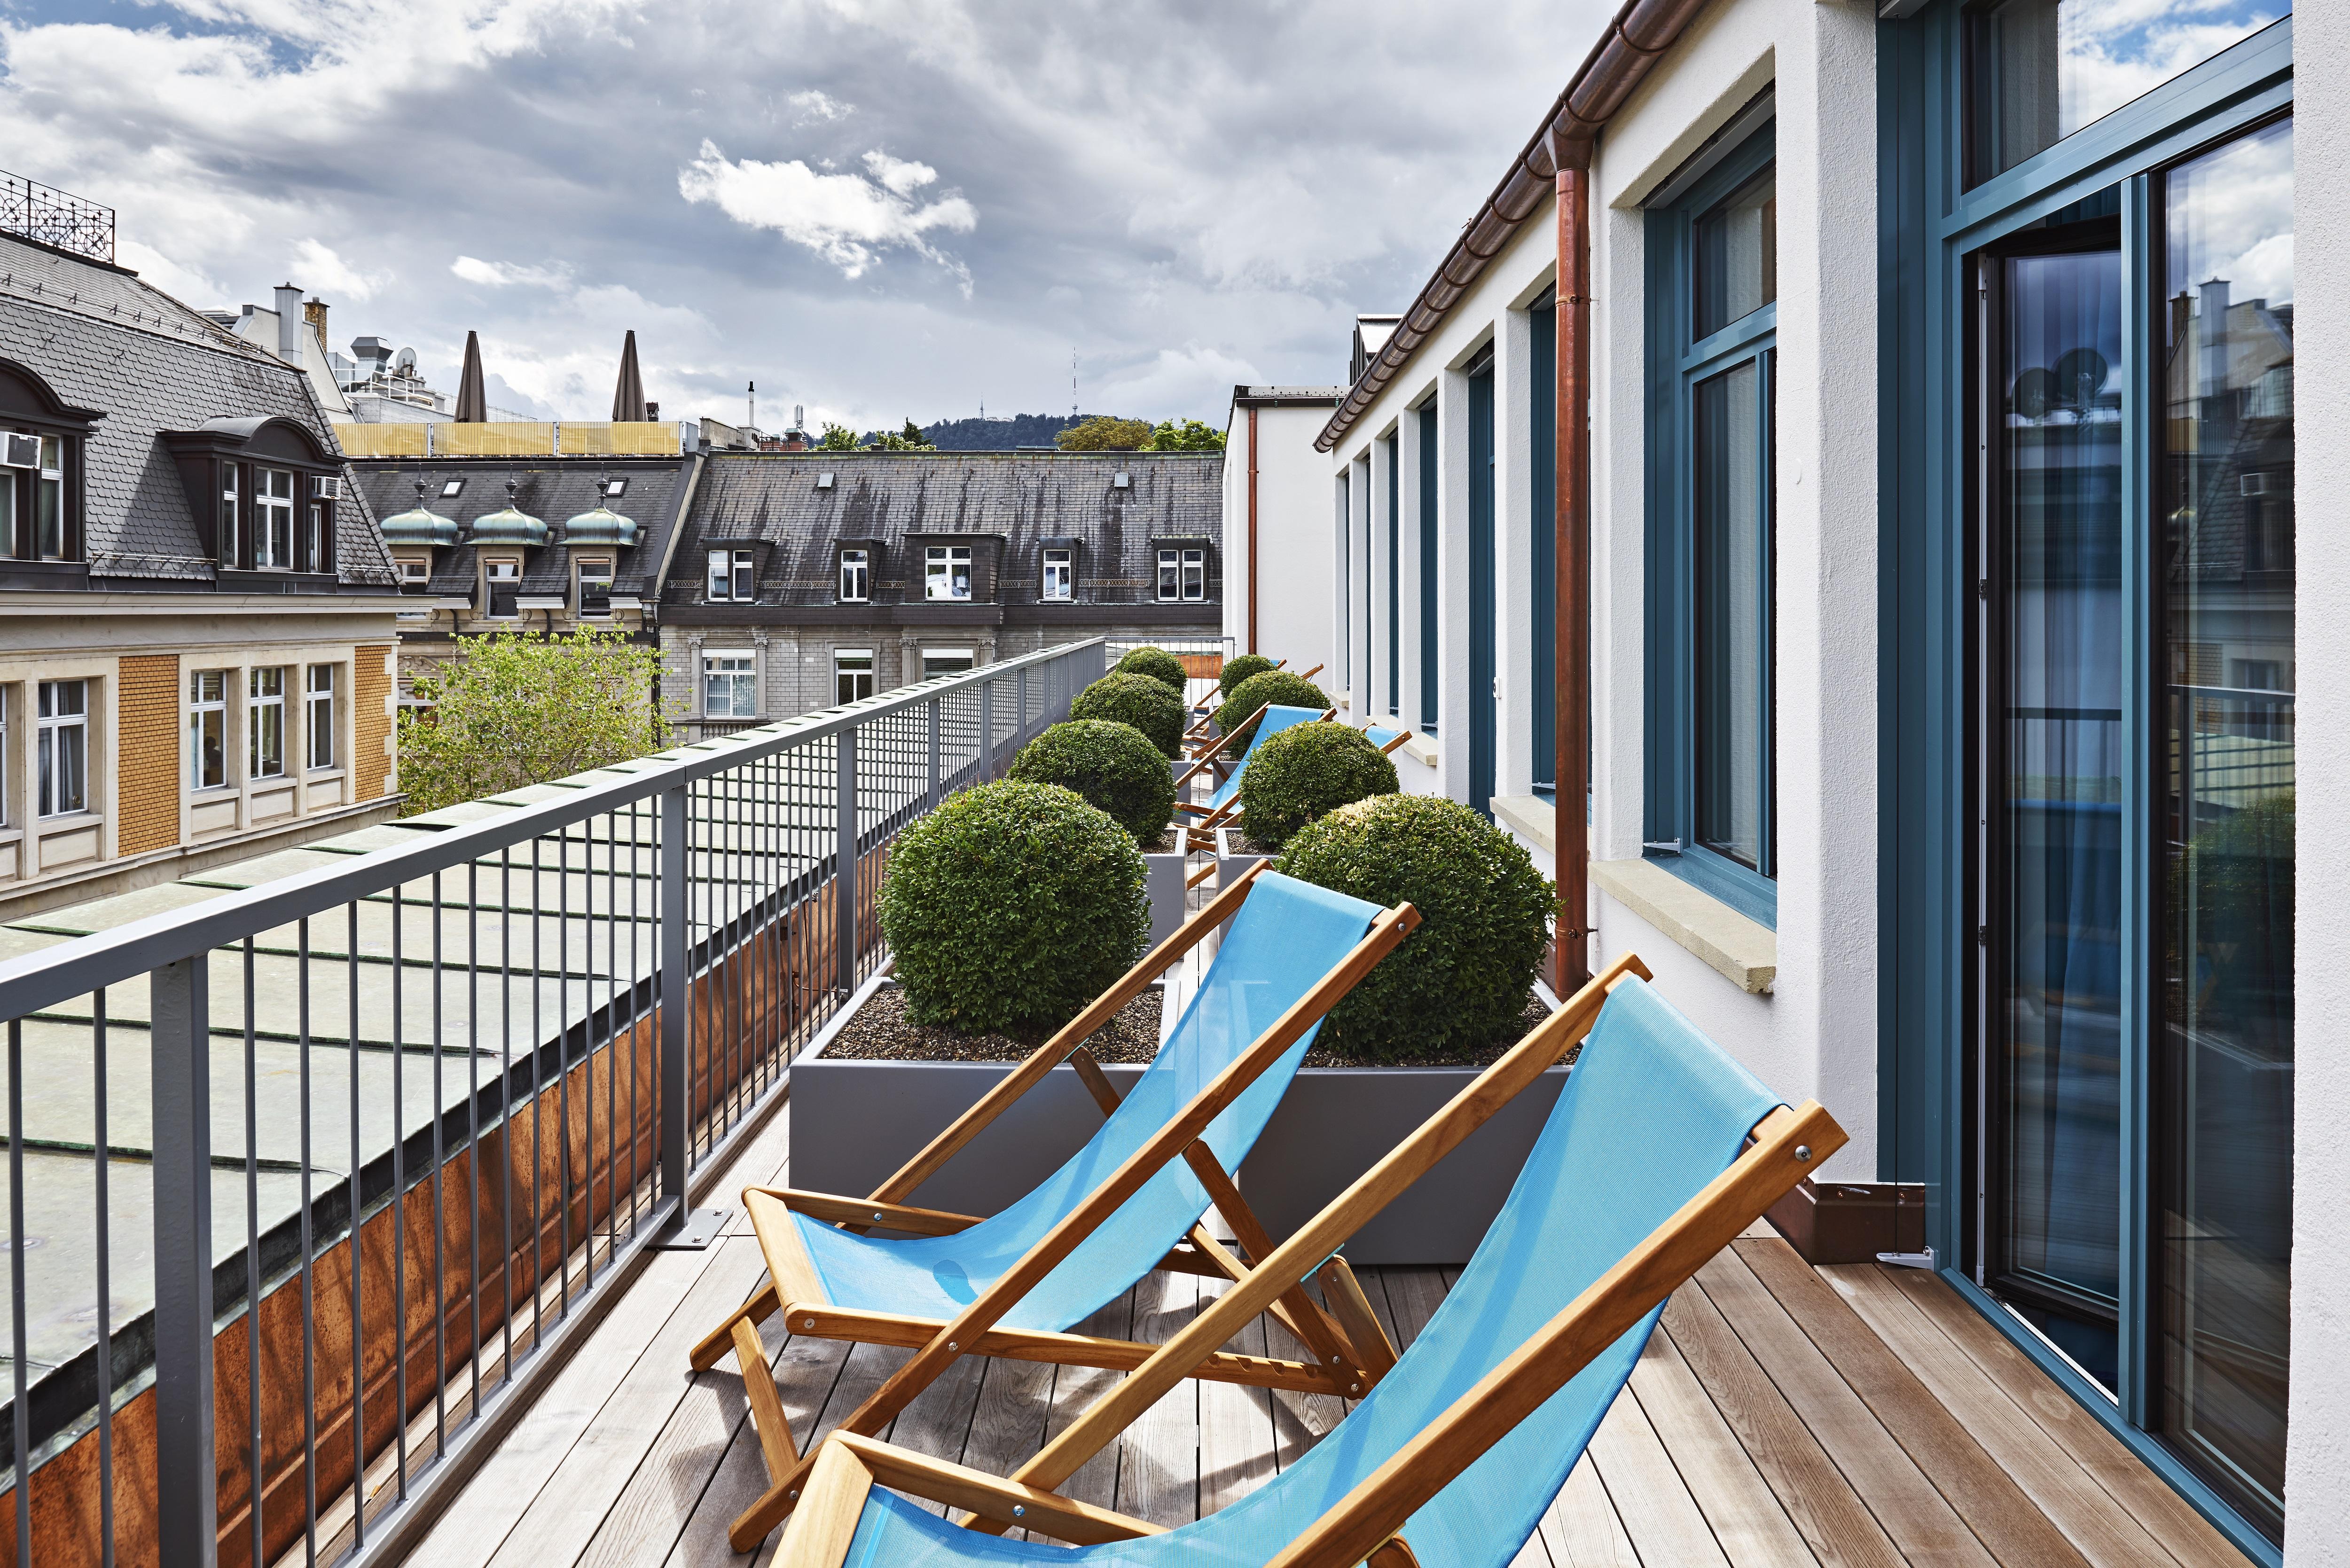 Hotel Zurich Motel One Design Hotels Zurich